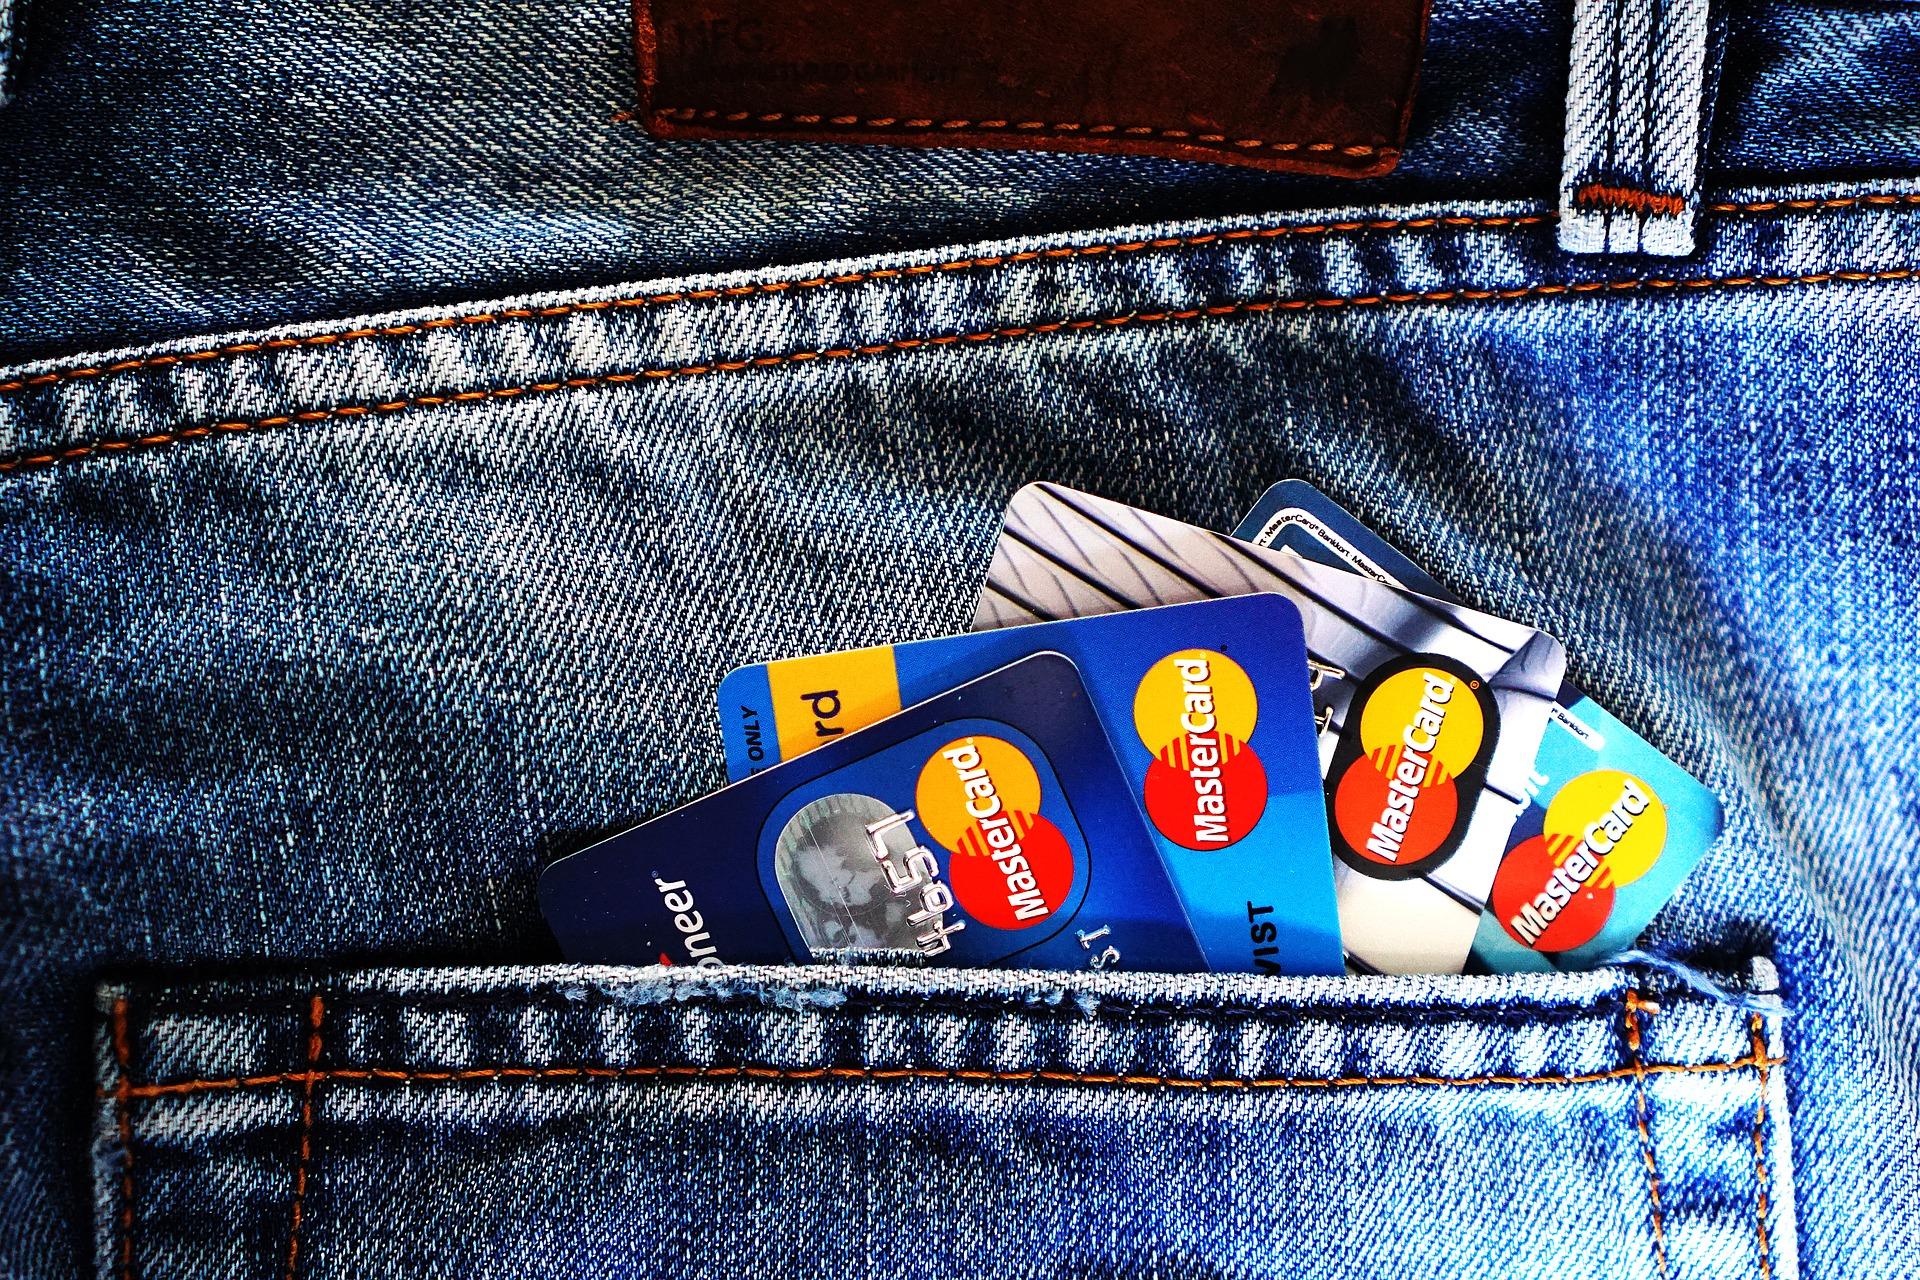 Z PODKARPACIA. Znalazła cudzą kartę bankomatową i poszła na zakupy - Zdjęcie główne